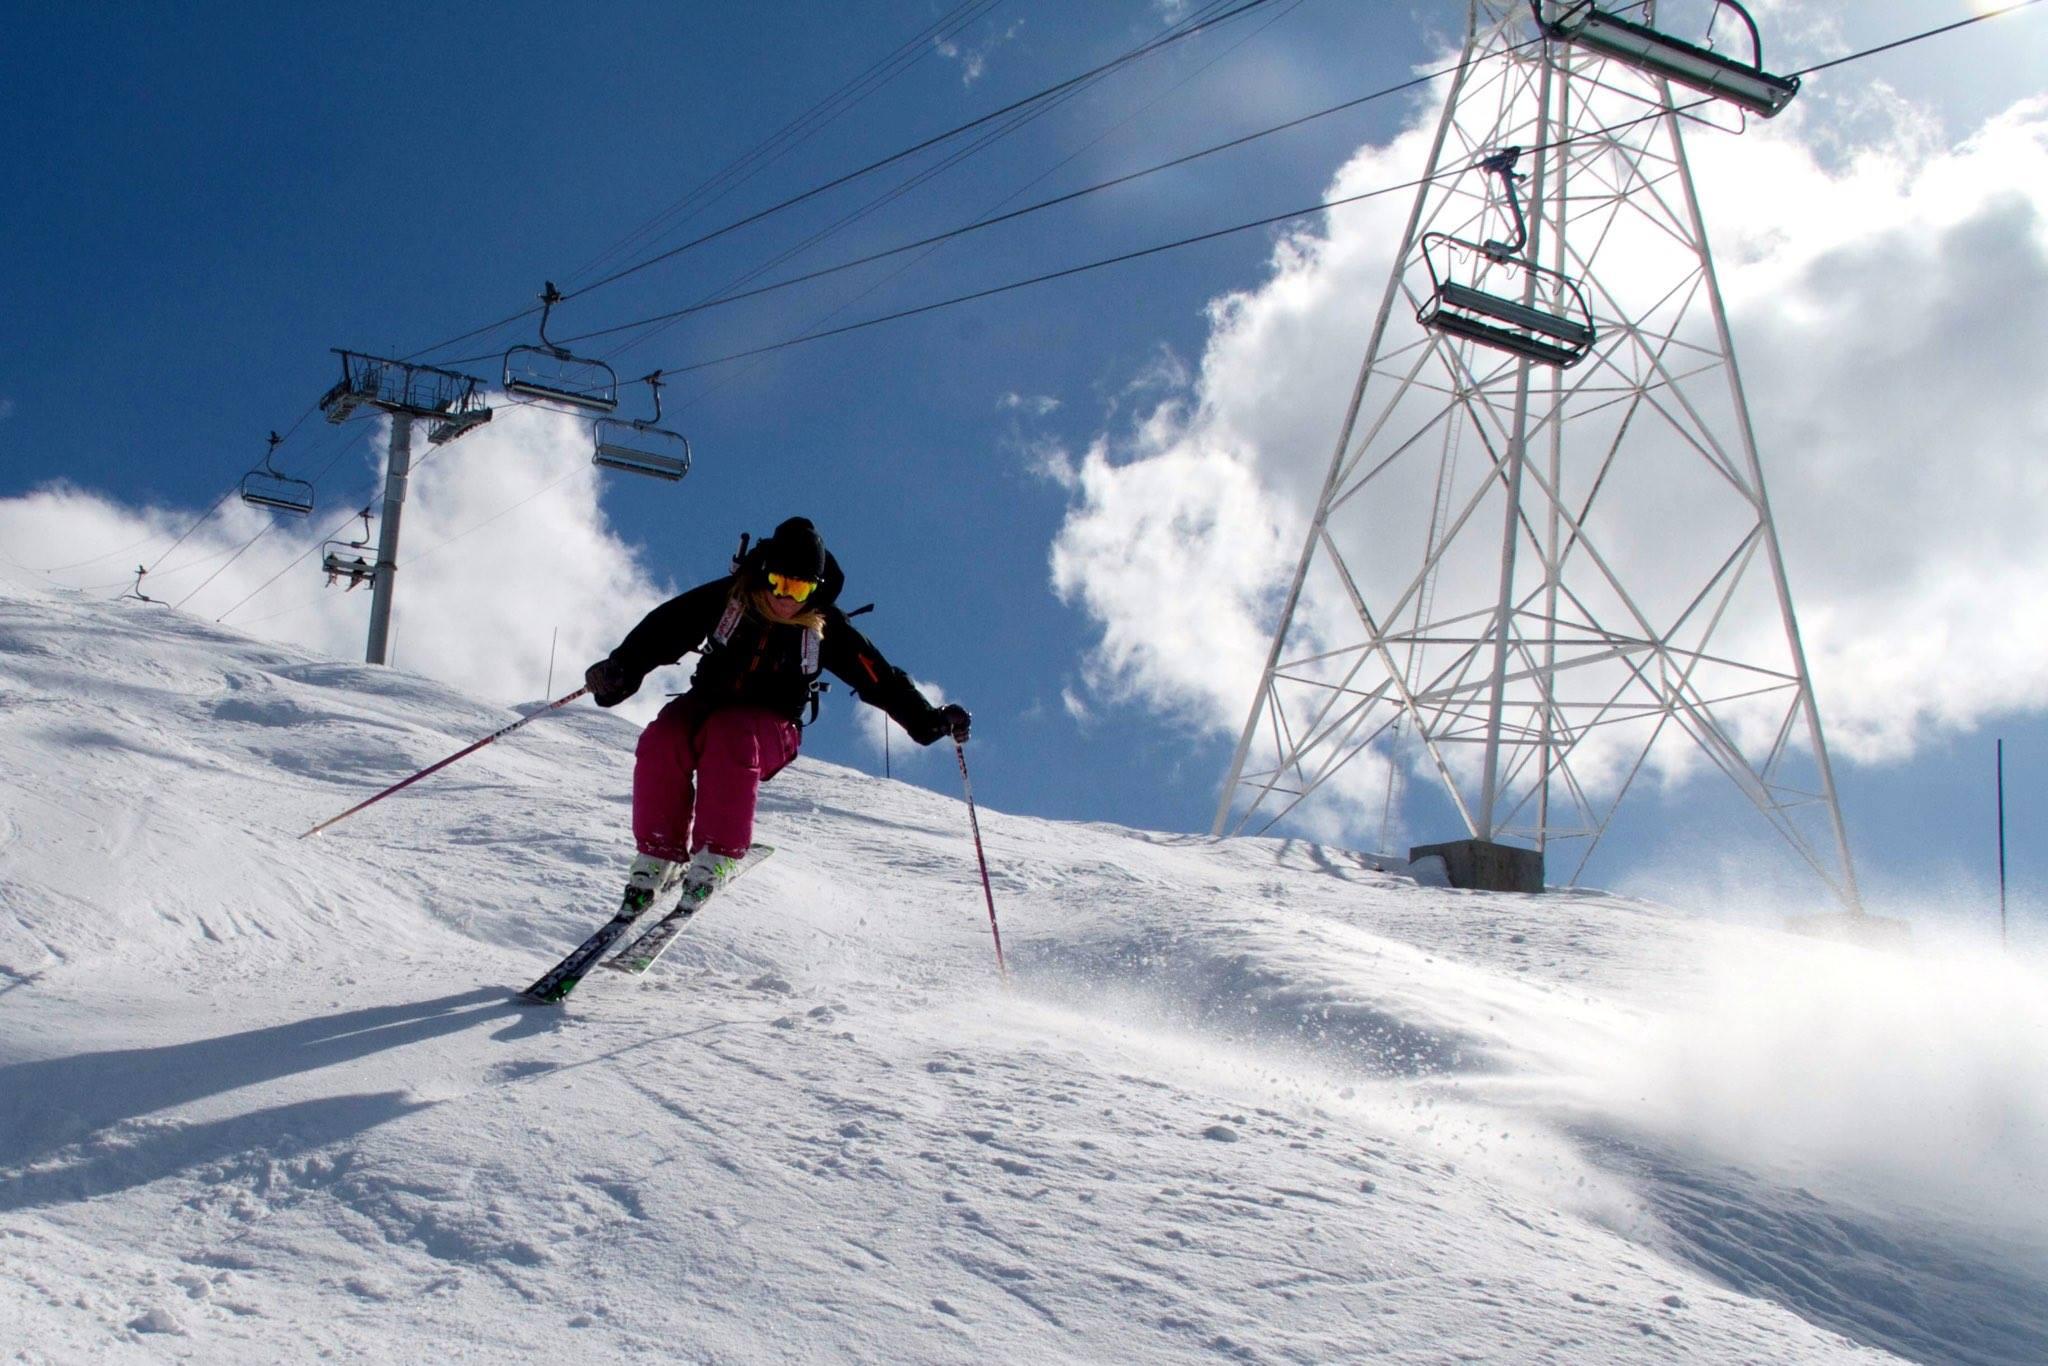 (Video) BASI Skiing: Bumps & Steeps & Variables BASI Level 2